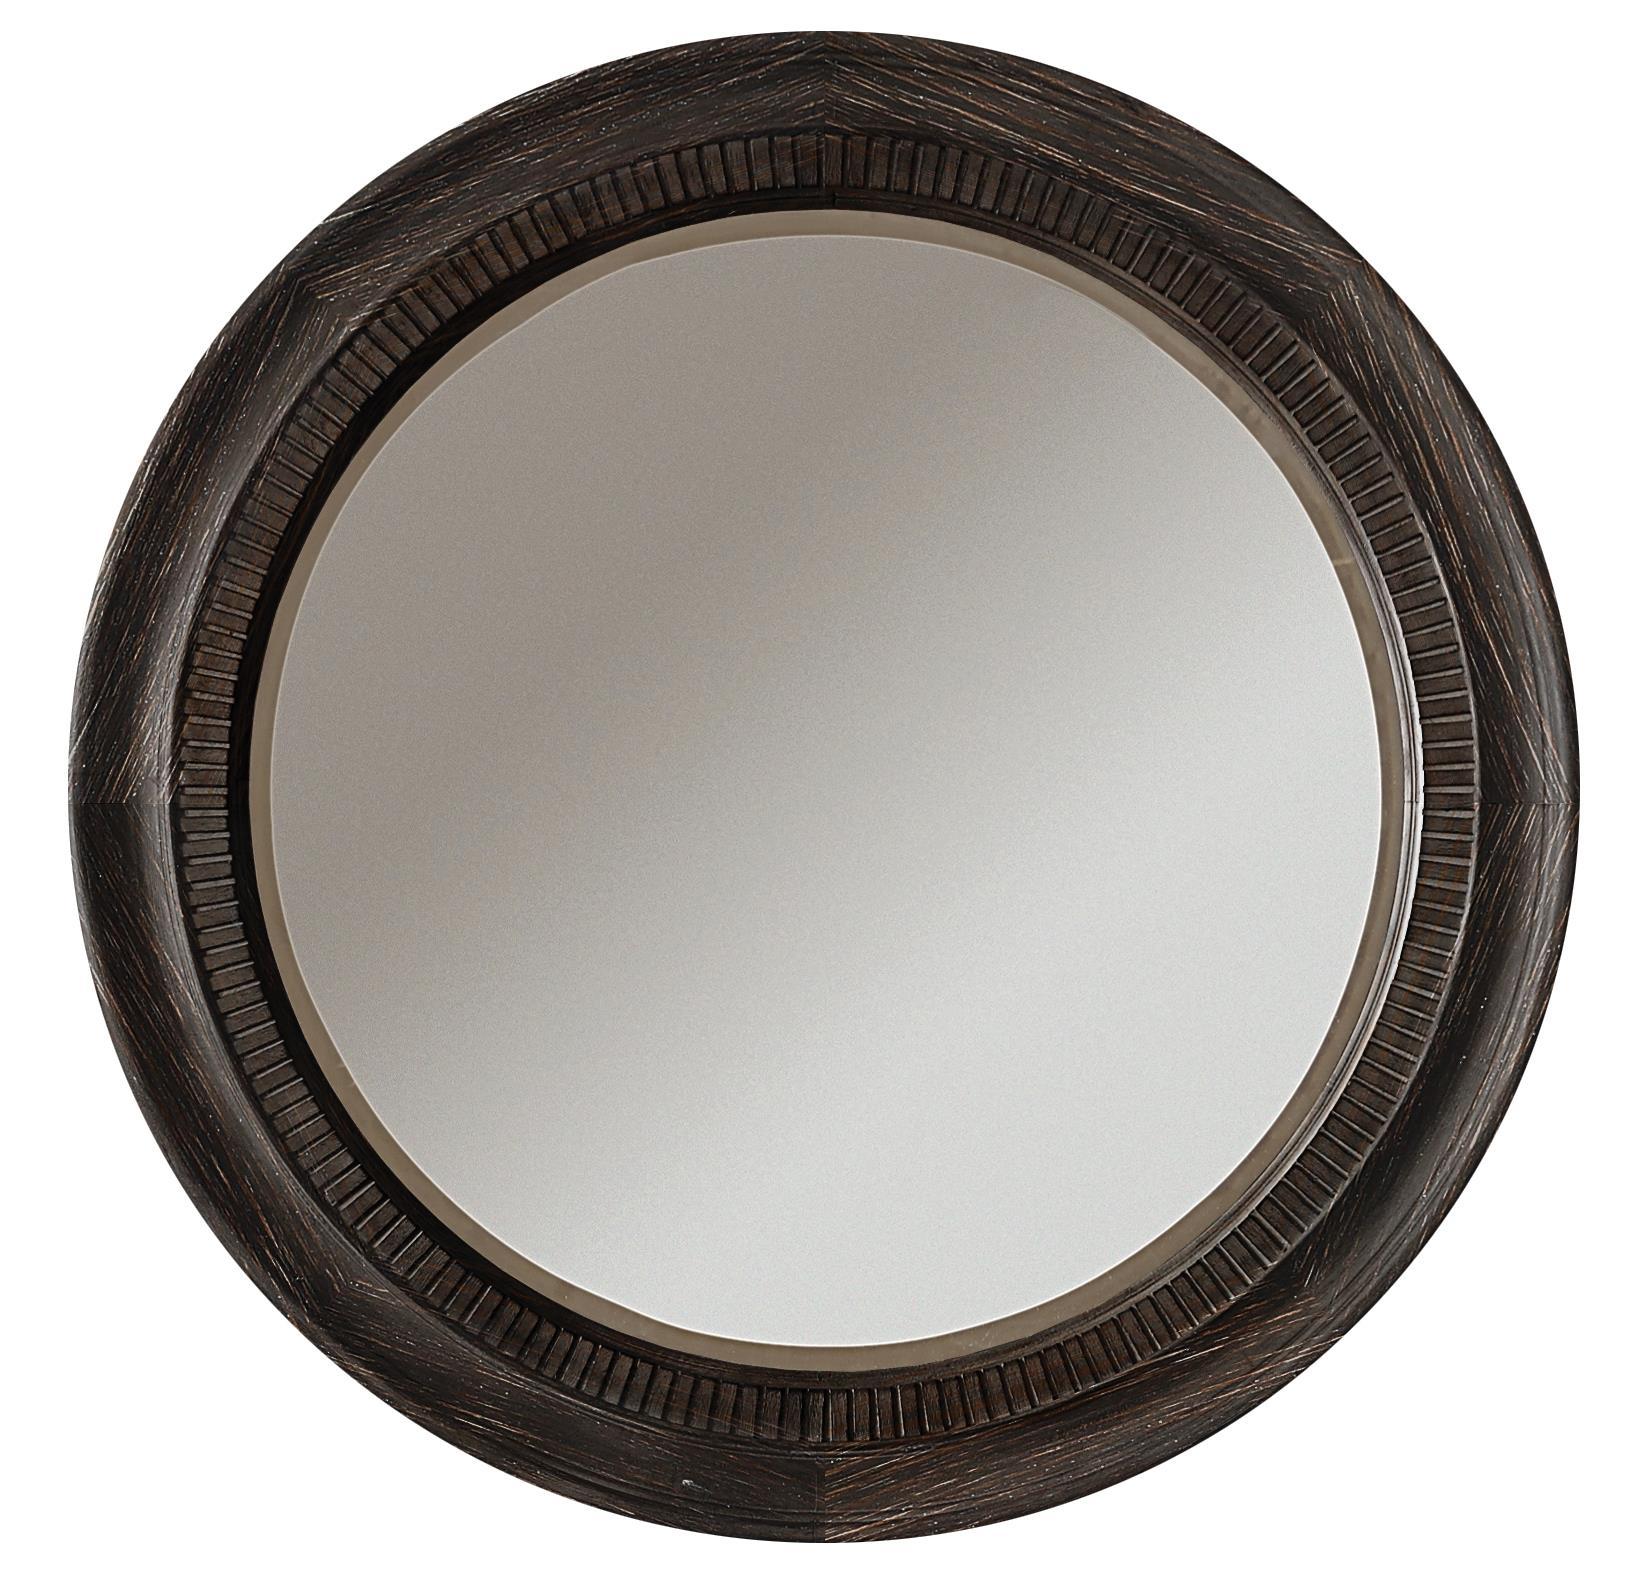 Riverside Furniture Bellagio Round Accent Mirror - Item Number: 11862